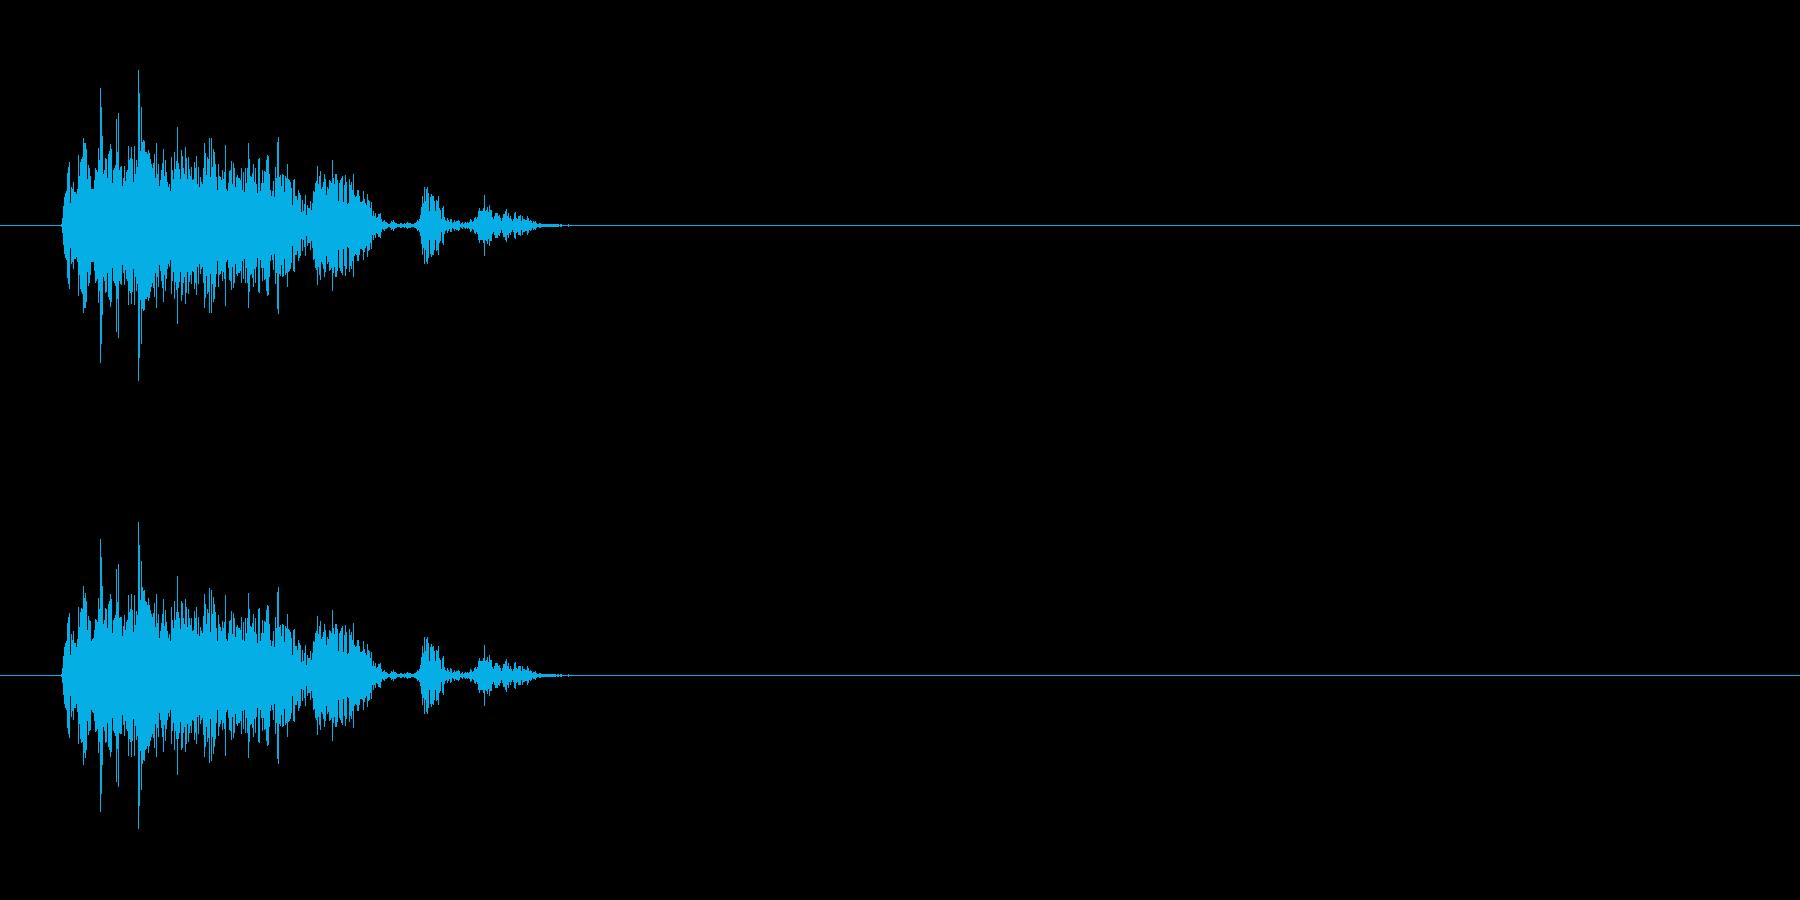 【ブーブークッション01-2】の再生済みの波形